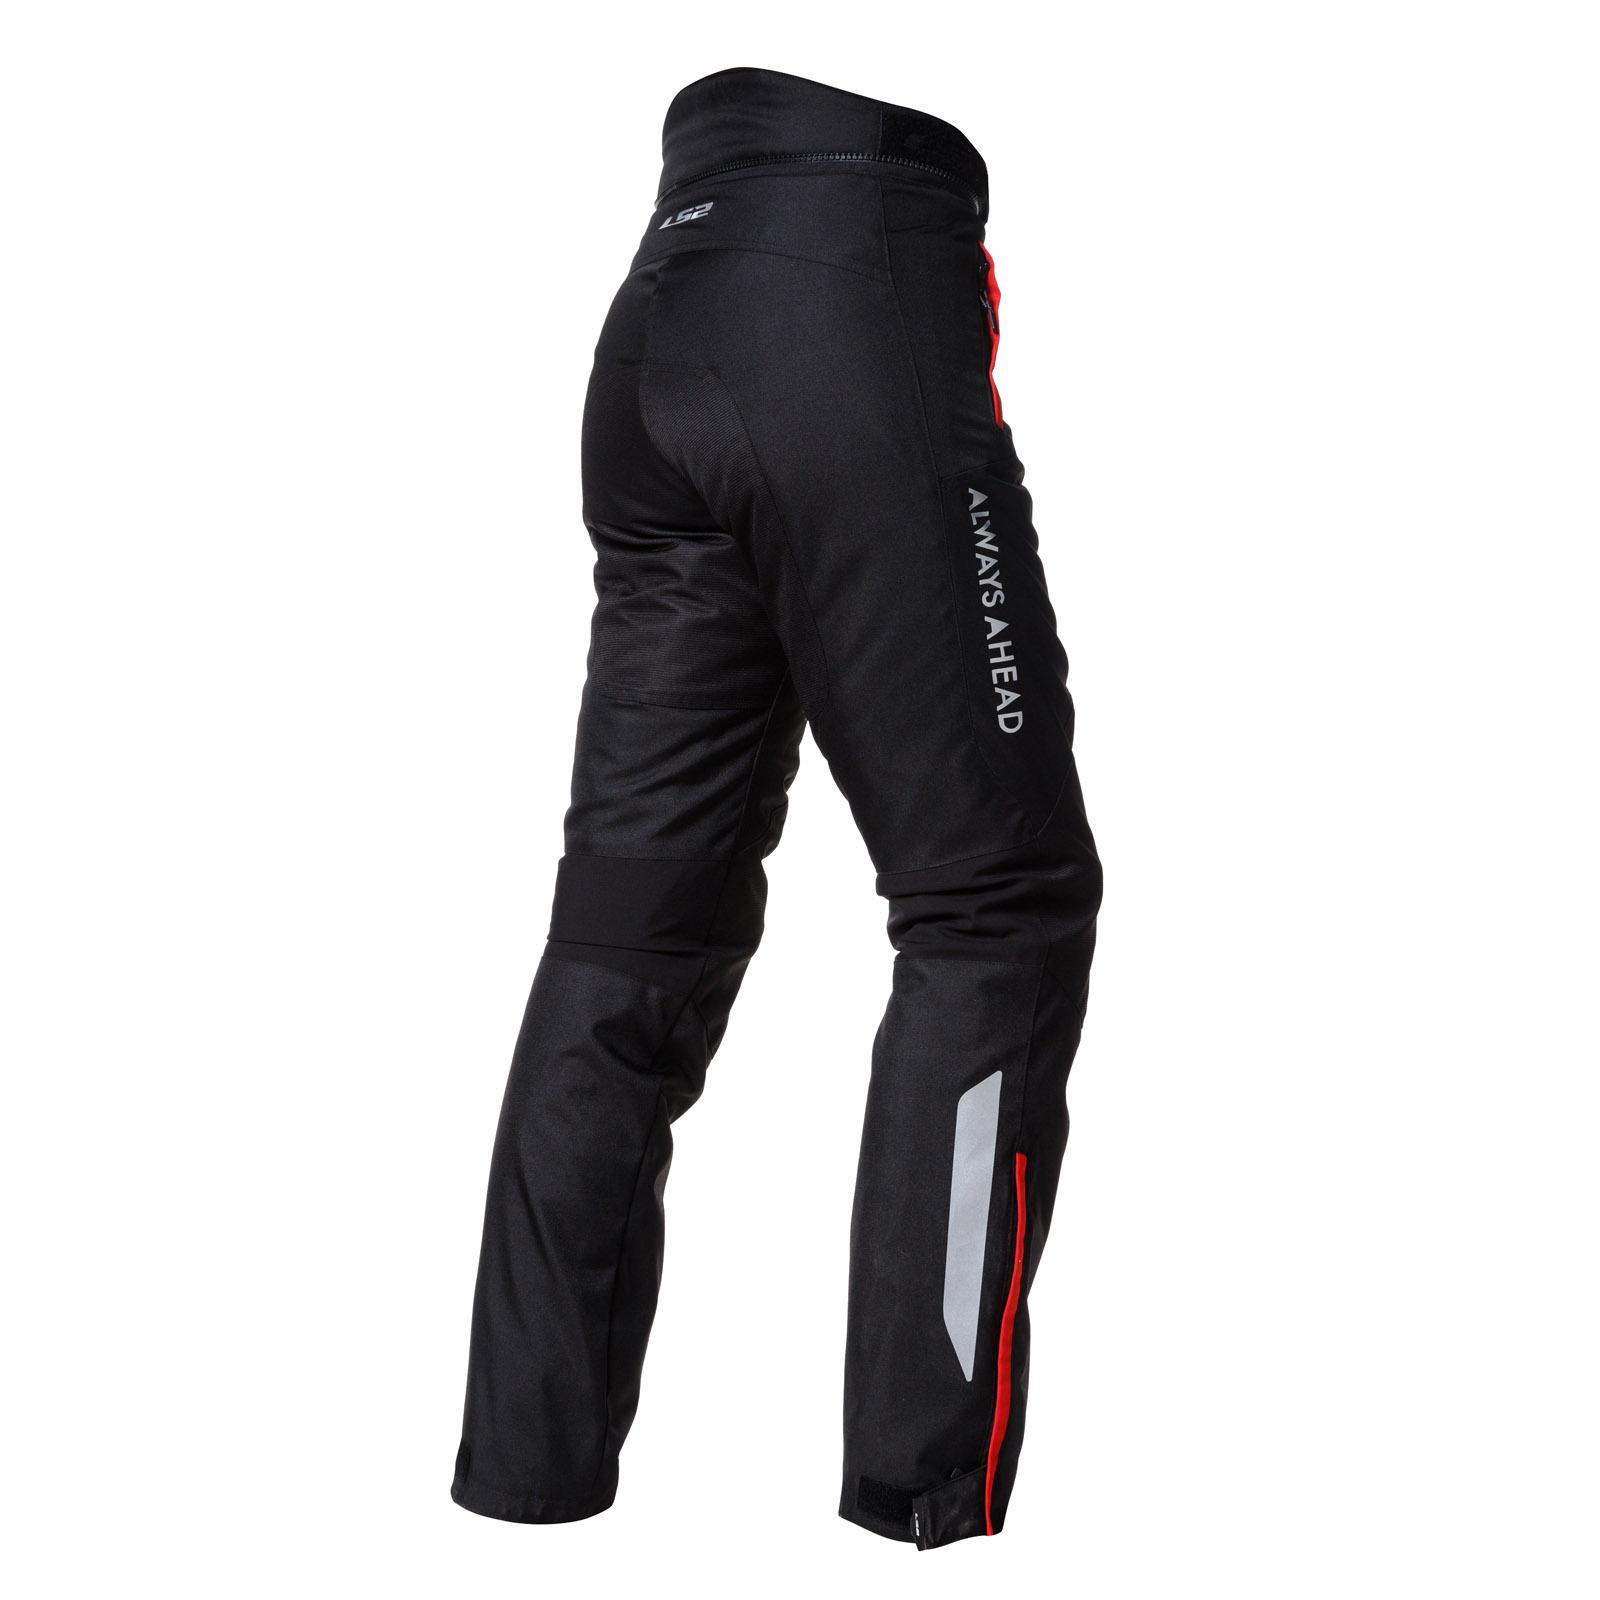 pantalon ls2 chart negro mujer talle m